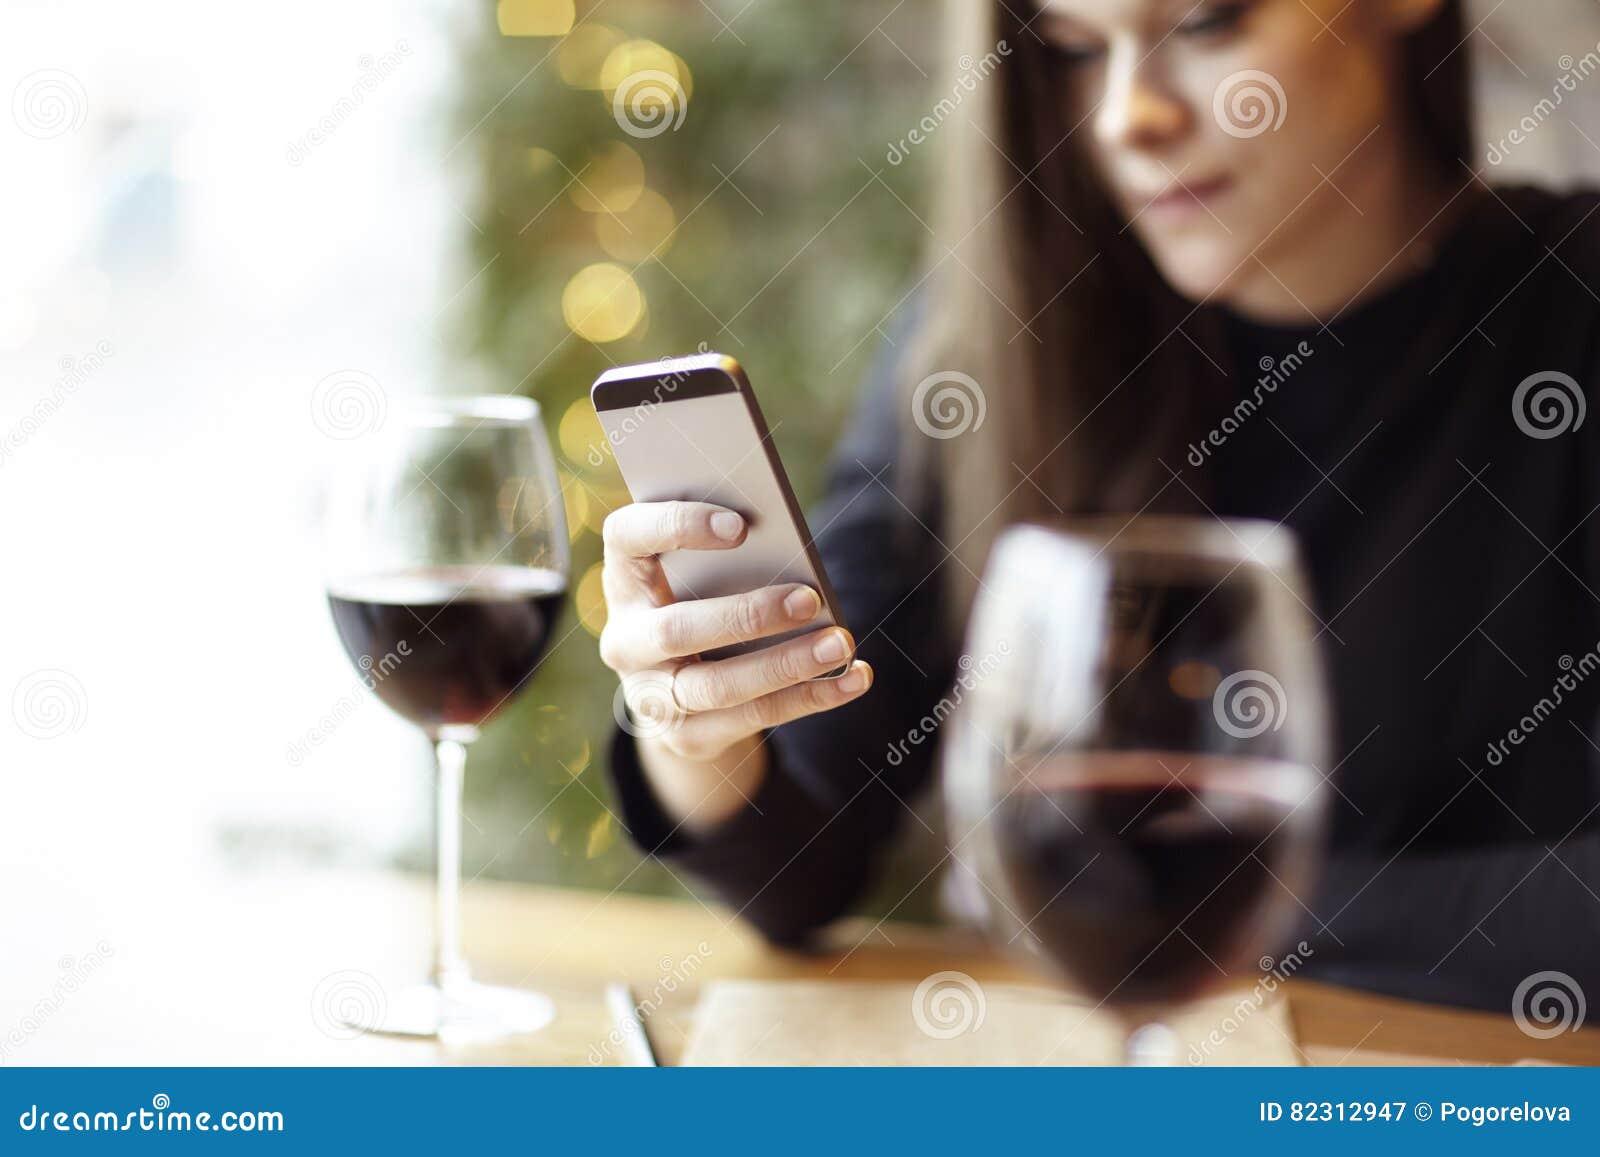 ecdbd6664fc7ab Donna che per mezzo del telefono durante il pranzo Bicchiere di vino rosso  in un caffè Riunione degli amici dell'interno Busta di carta dei pantaloni  a vita ...